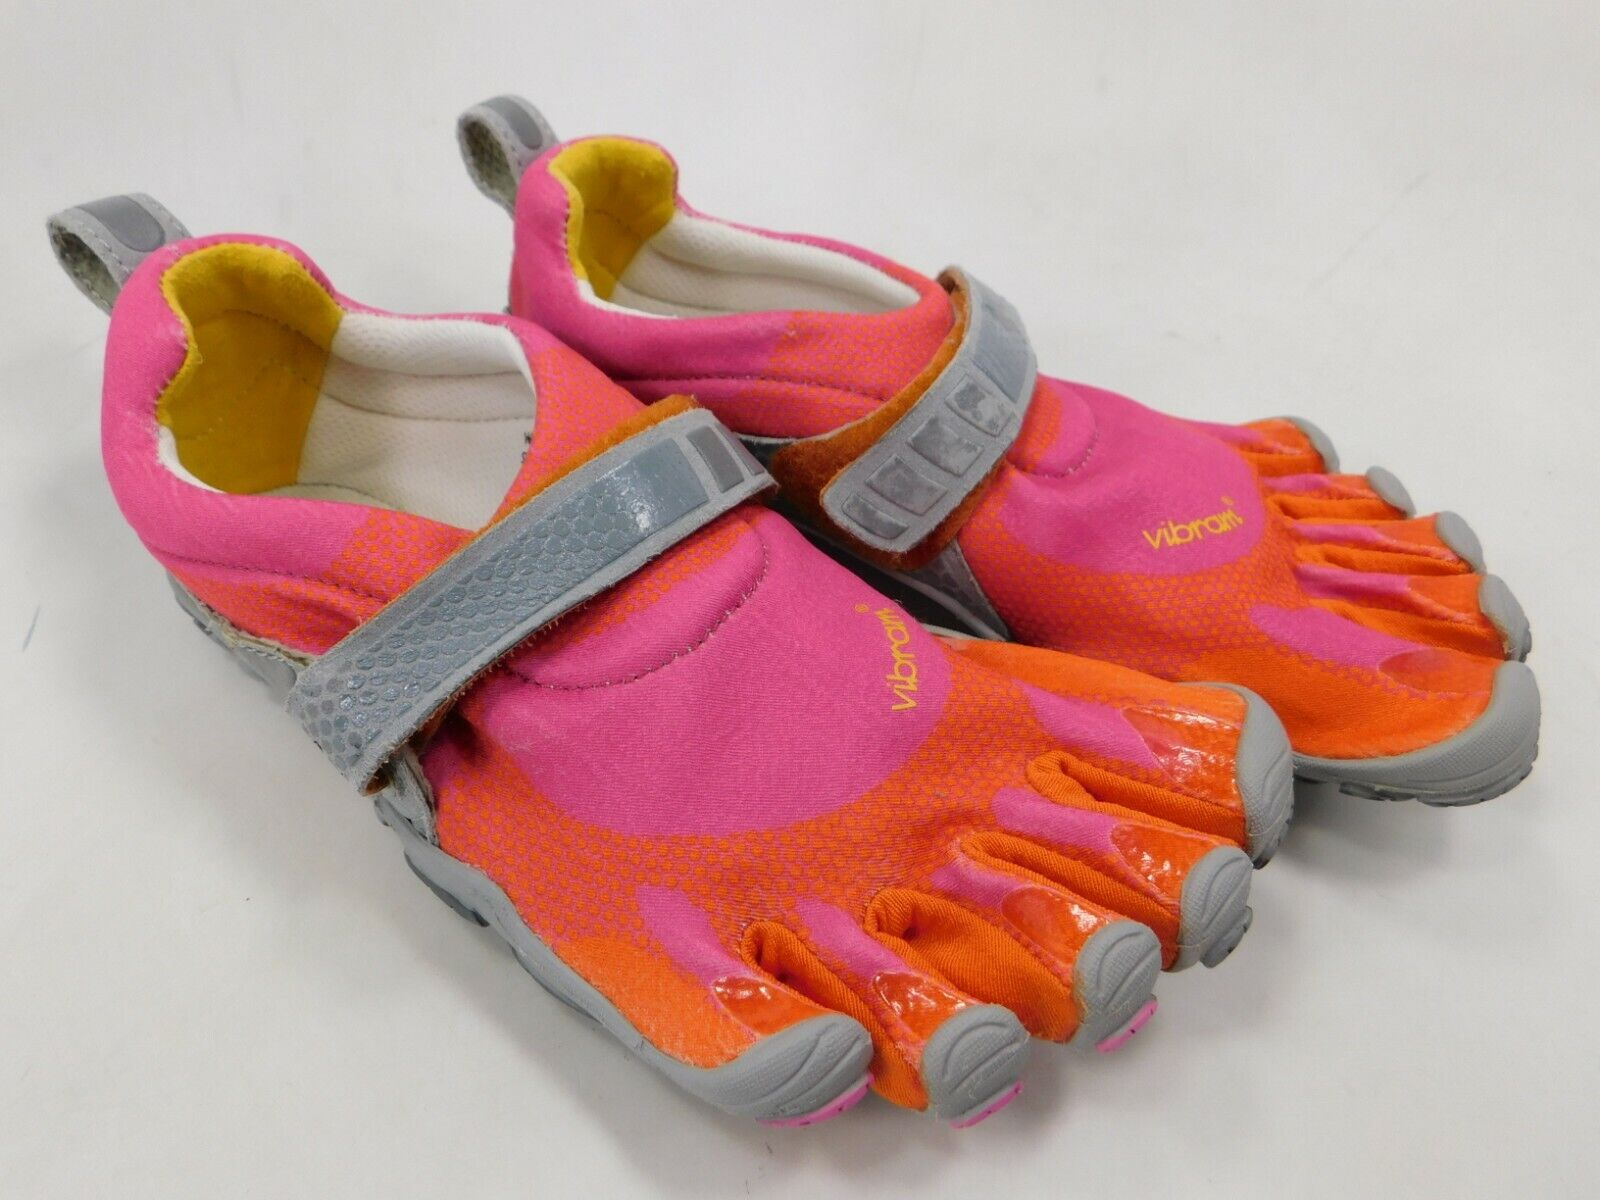 Vibram FiveFingers Bikila Dimensione 36 36 36 (US 6.5-7) Donna  Running scarpe arancia W343 36d951